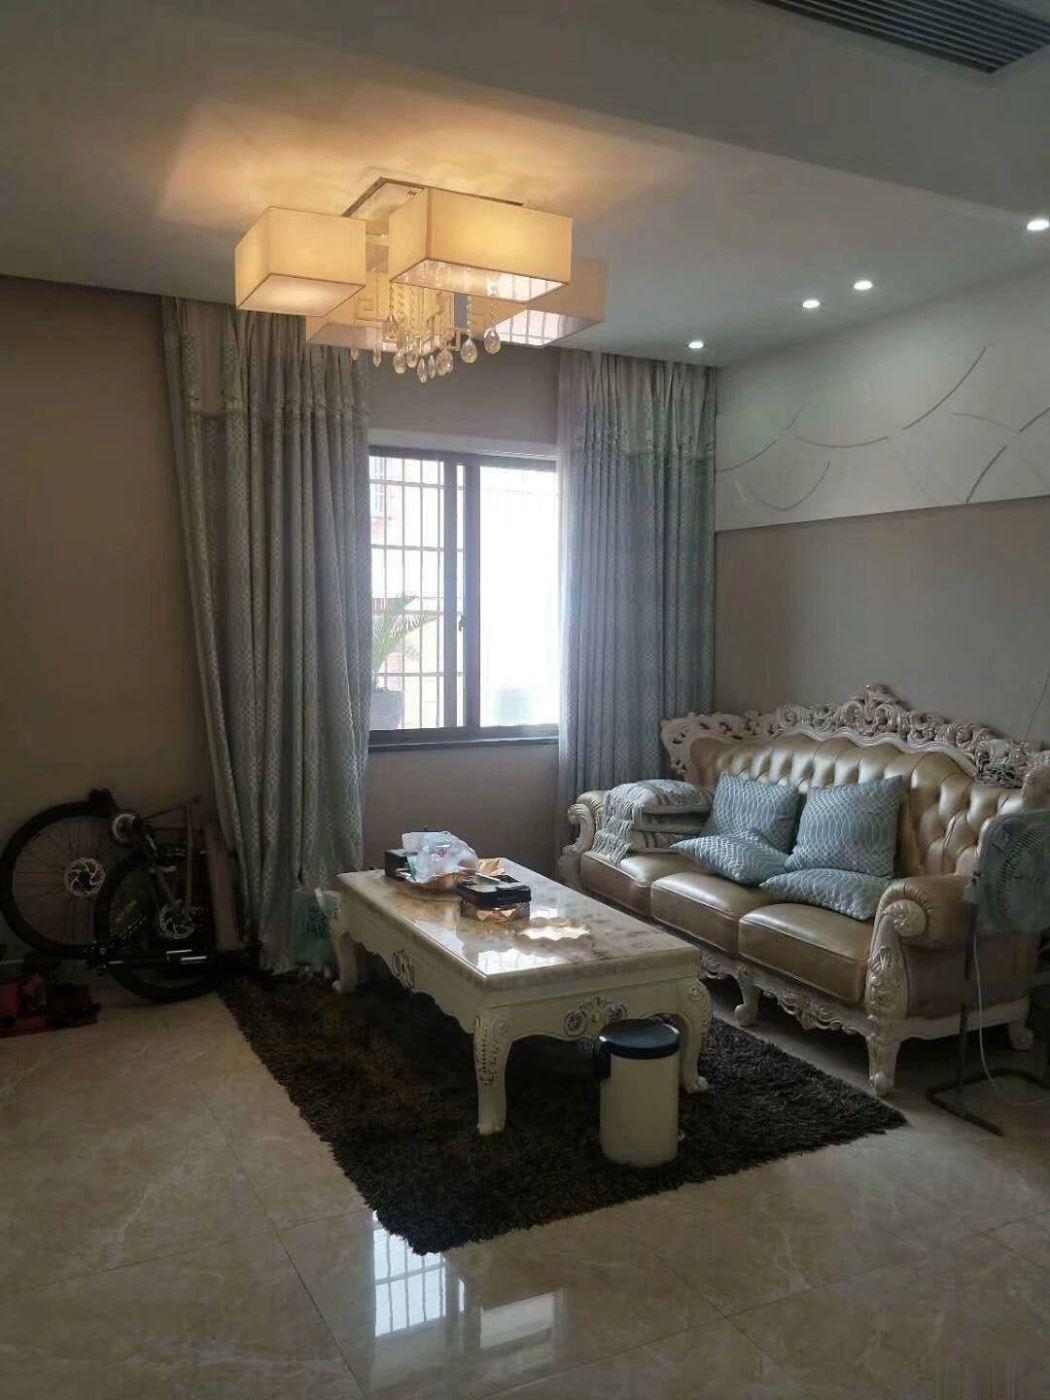 丹桂苑新出房源 �S金楼层 出让满二 房东低于市场价20万急售